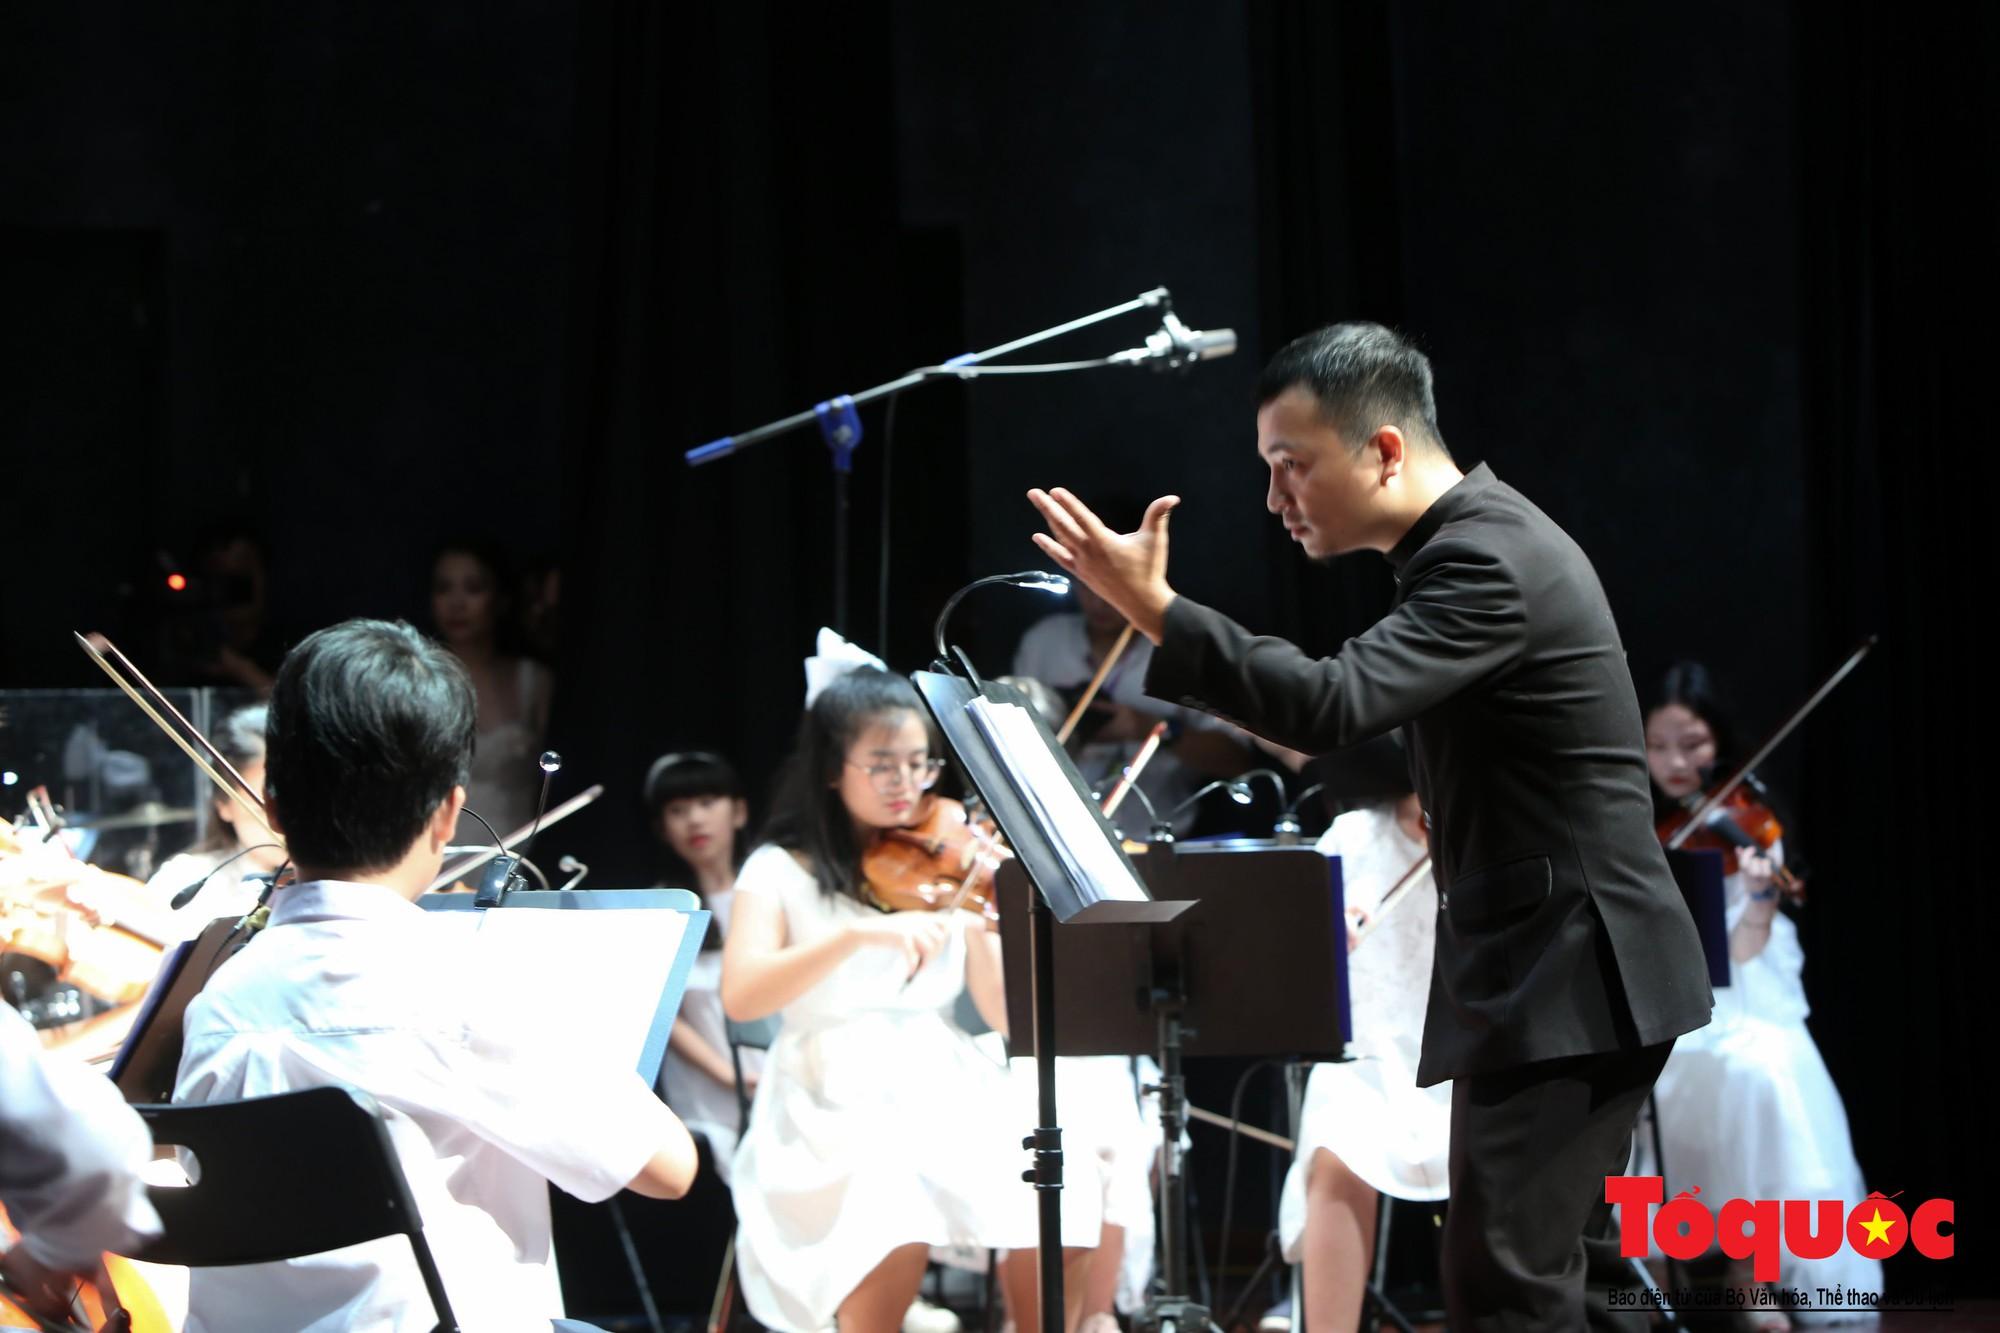 Dàn nhạc giao hưởng nhí đầu tiên của Việt Nam biểu diễn gây quỹ từ thiện (16)